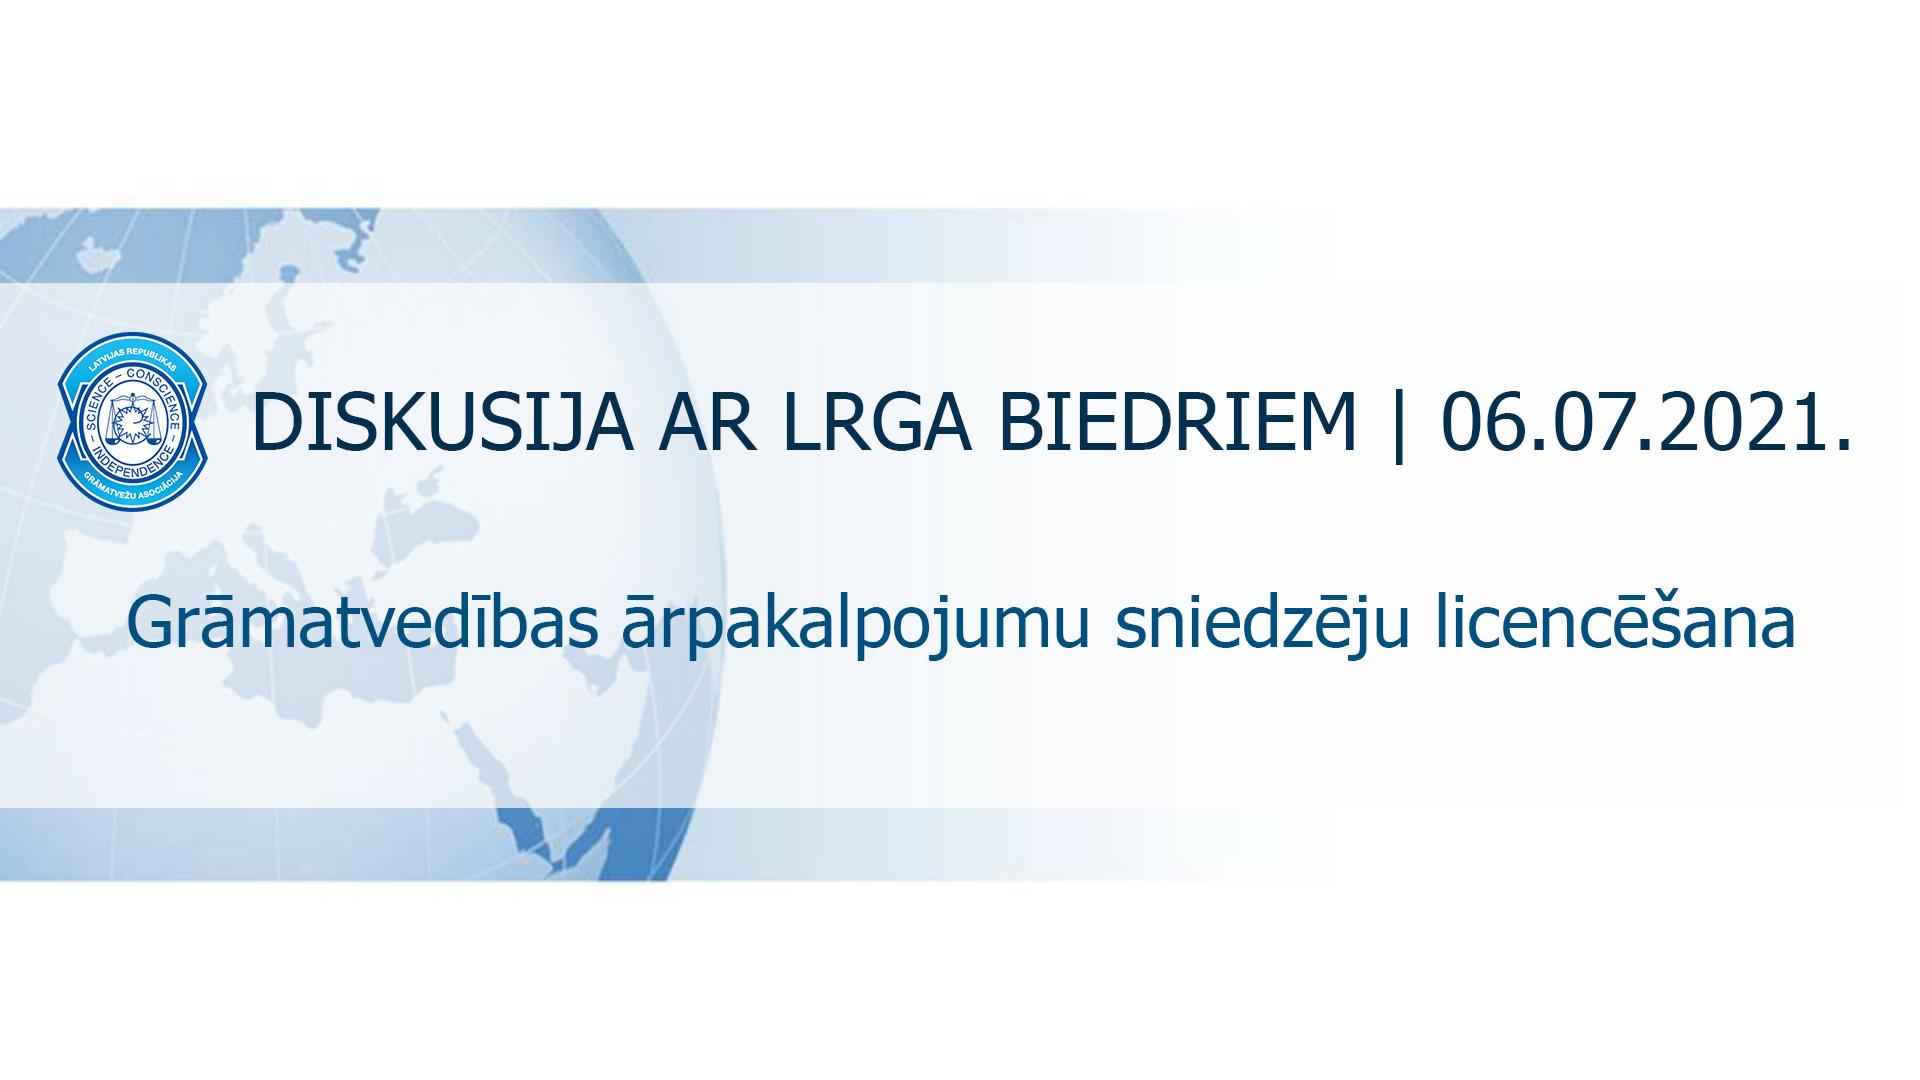 LRGA_diskusija_GAS_licencēšana_06.07.2021